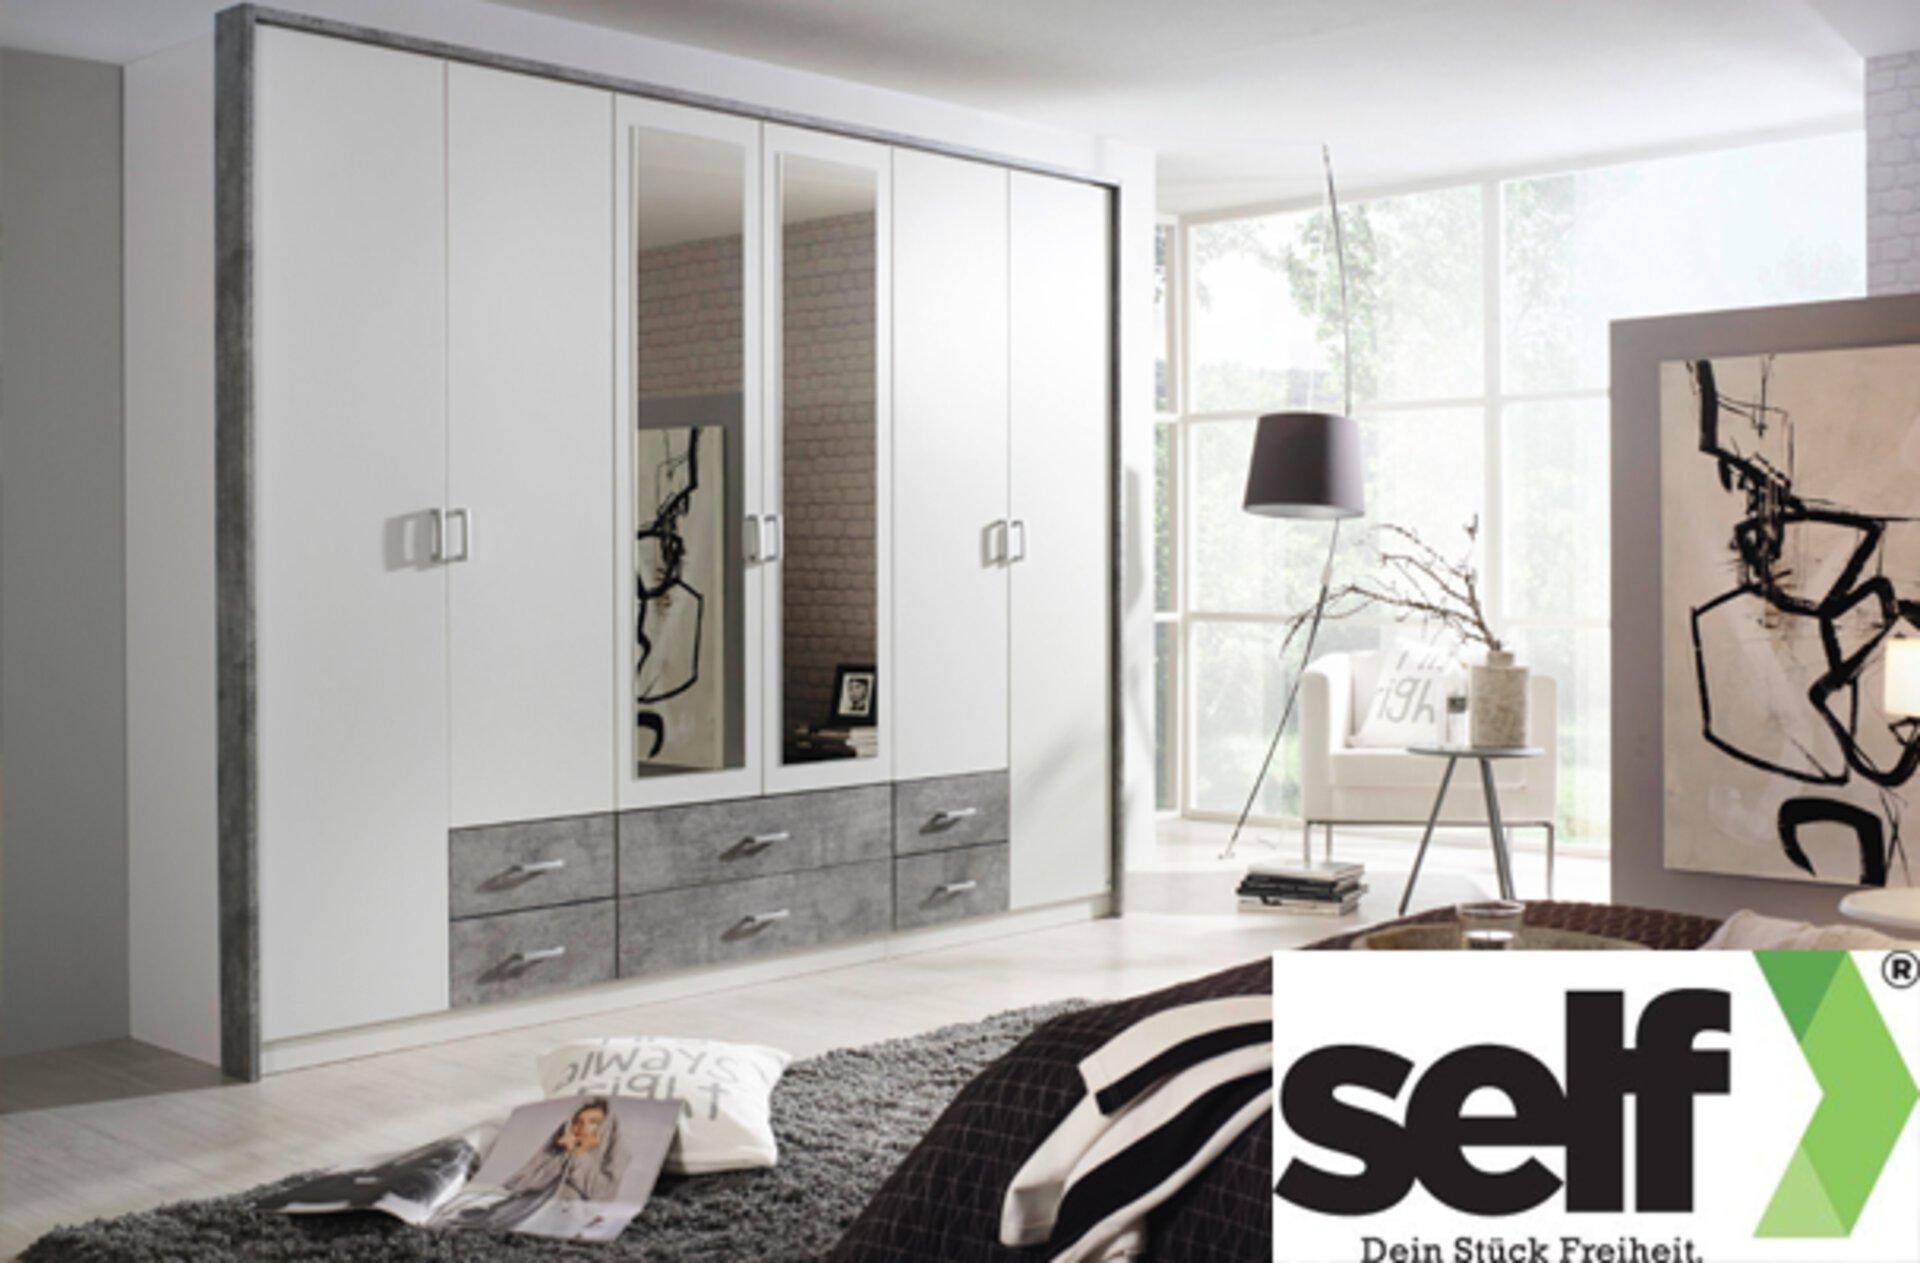 Self, Möbel Inhofer, Schlafzimmer, Schrank, Spiegelschrank, Schlafen